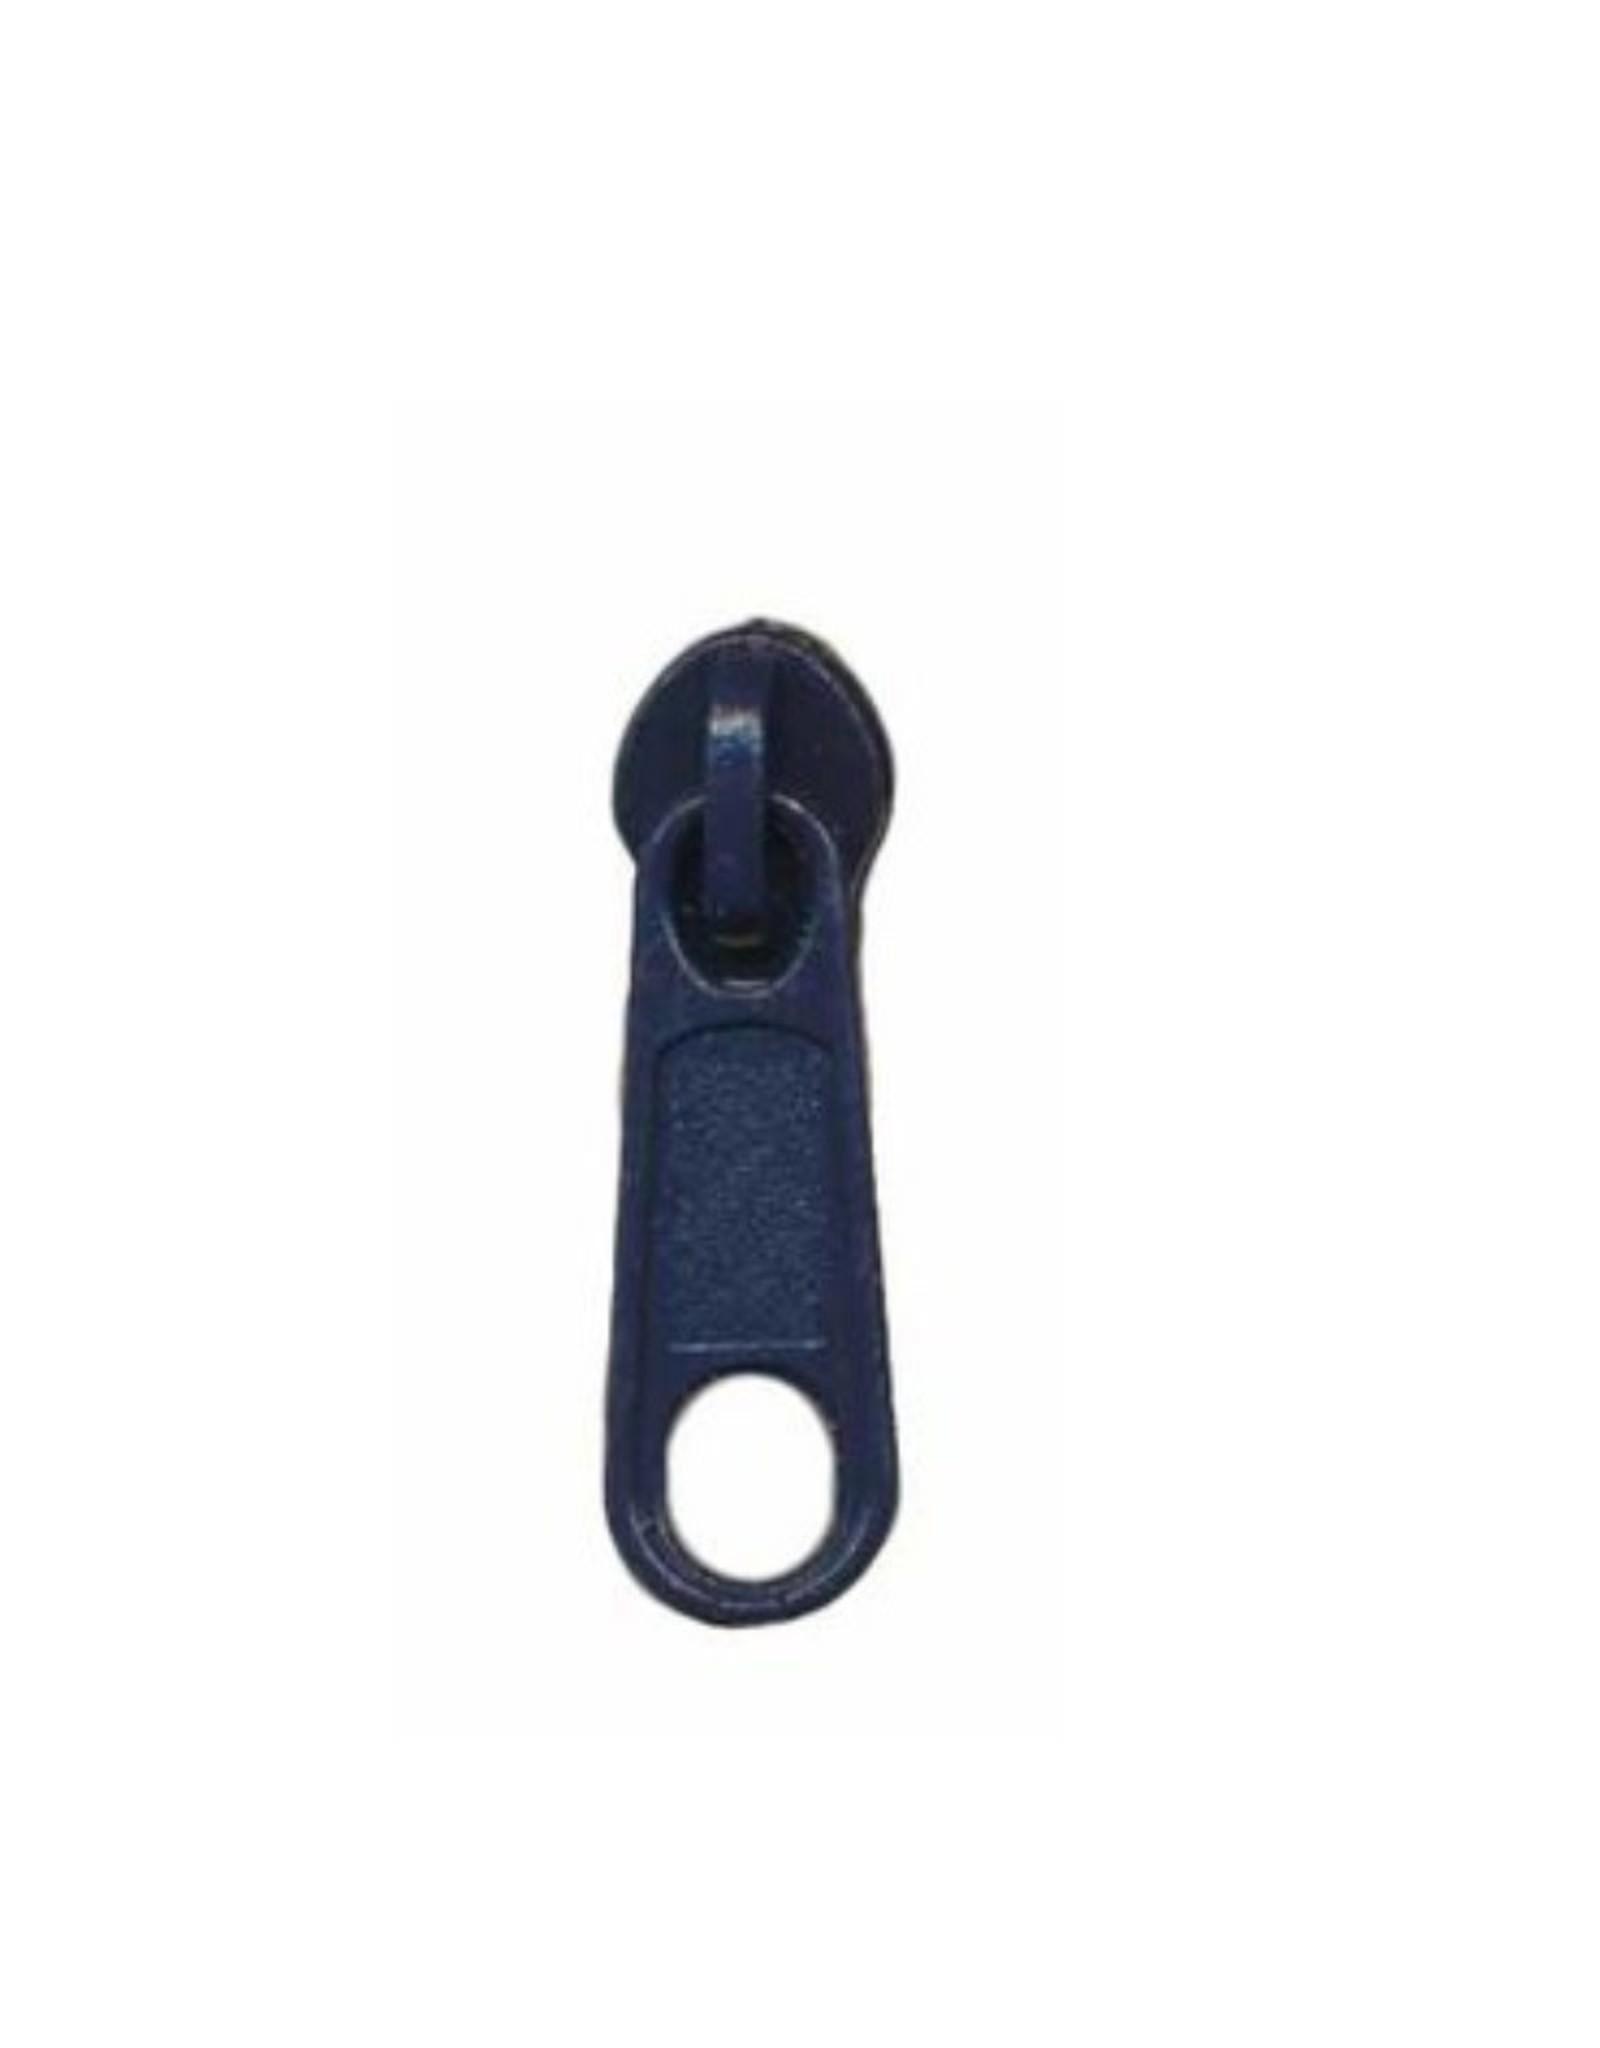 Ritstrekker - Donkerblauw - Size 5